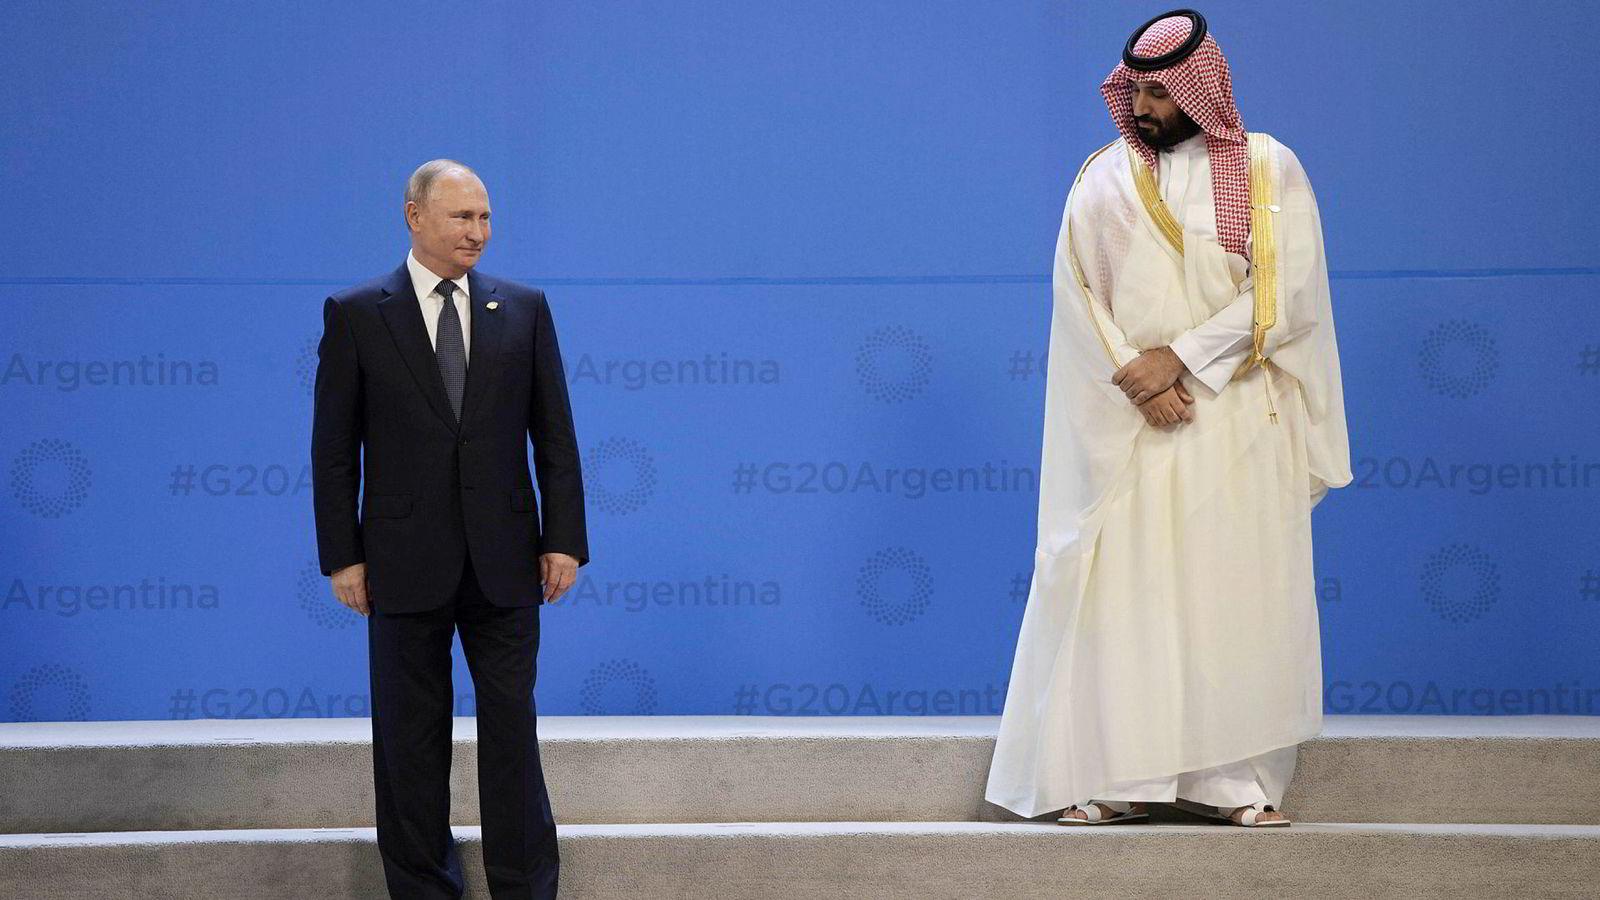 I helgen uttalte Russlands president Vladimir Putin (til venstre) at han hadde blitt enig med Saudi-Arabia om å forlenge samarbeidsavtalen. Her med Saudi Arabias prins Mohammed bin Salman.